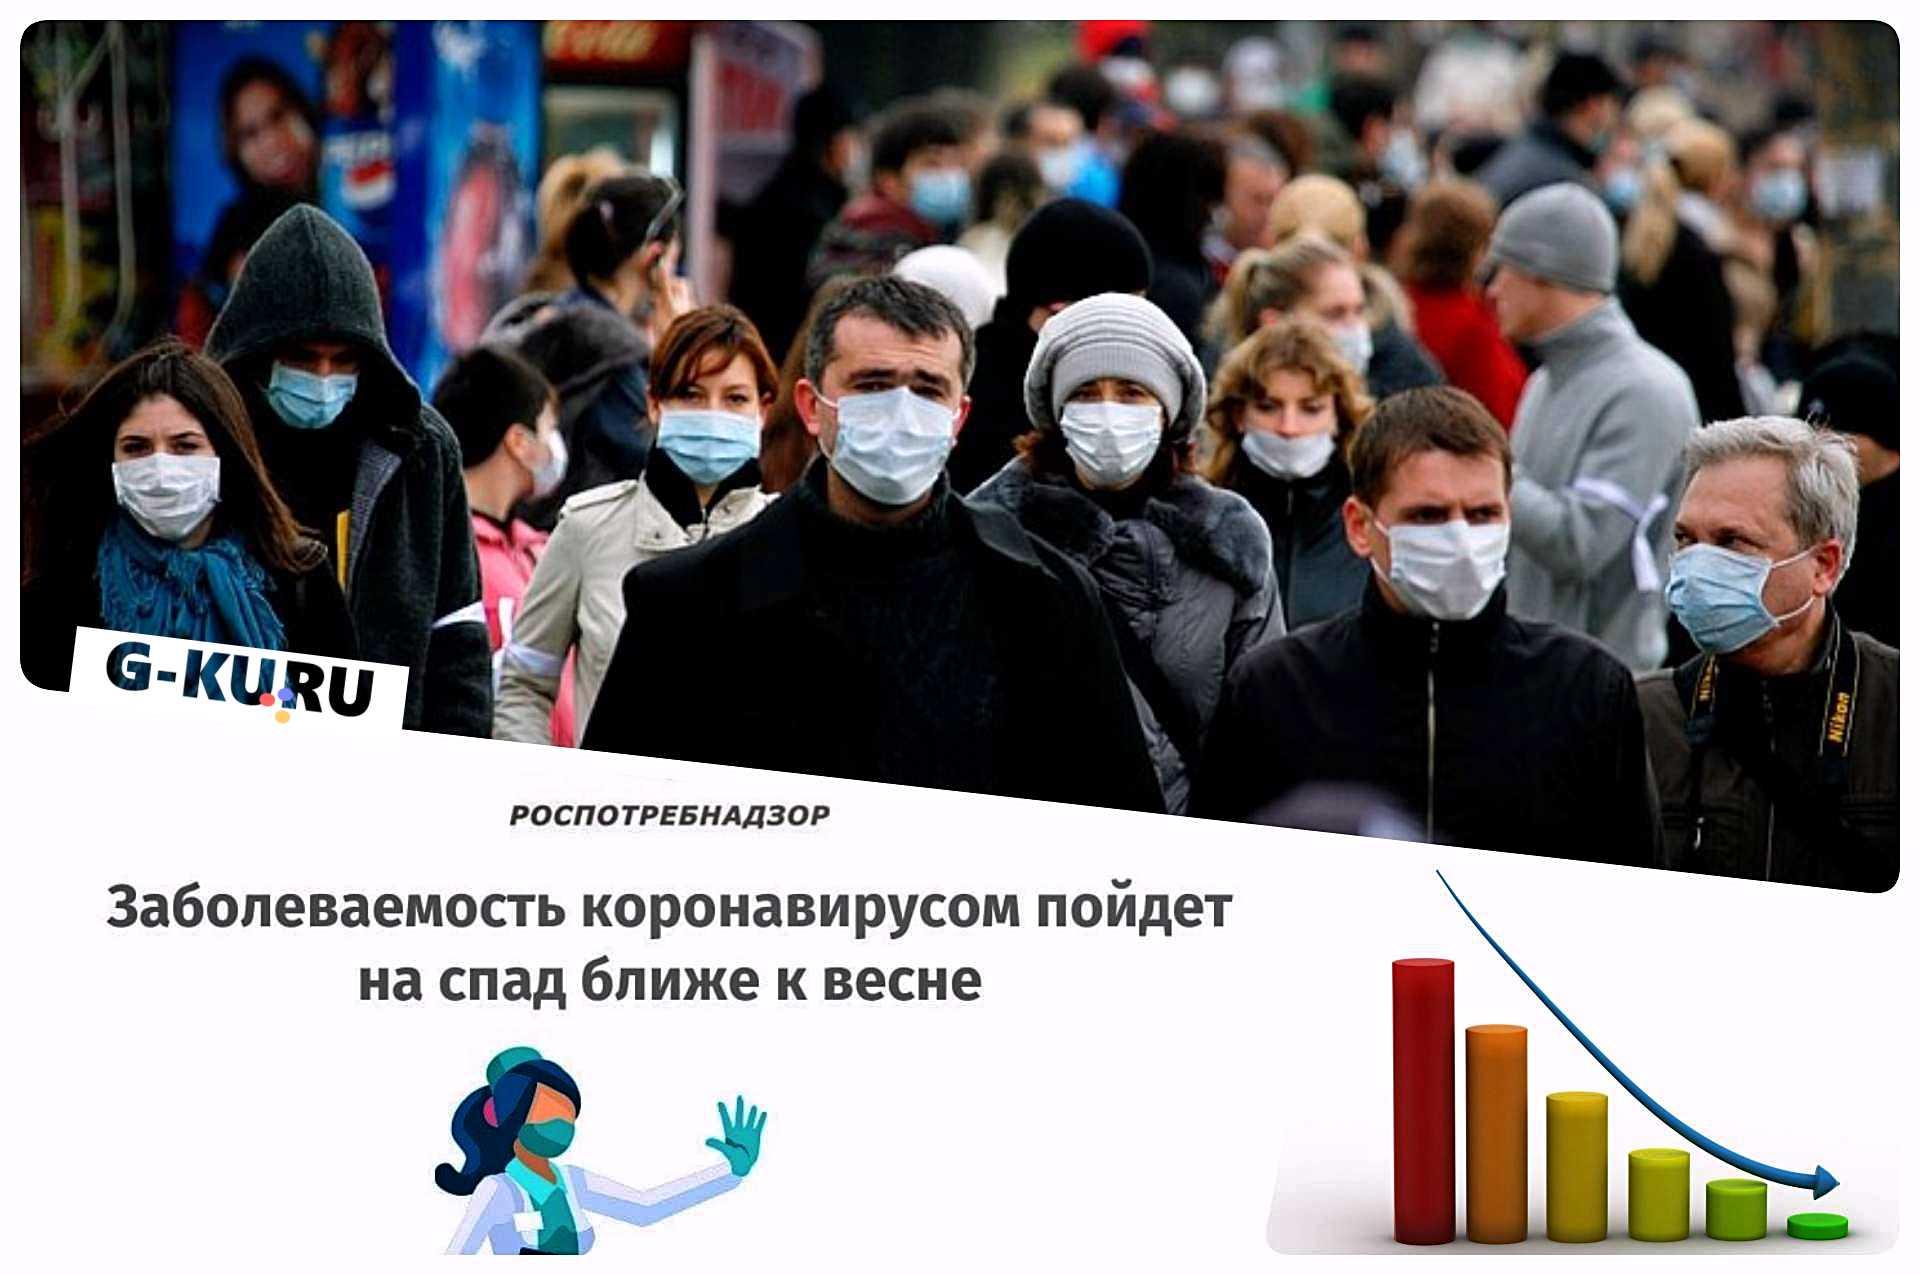 К весне 2021 года число заболевших коронавирусной инфекцией уменьшится.